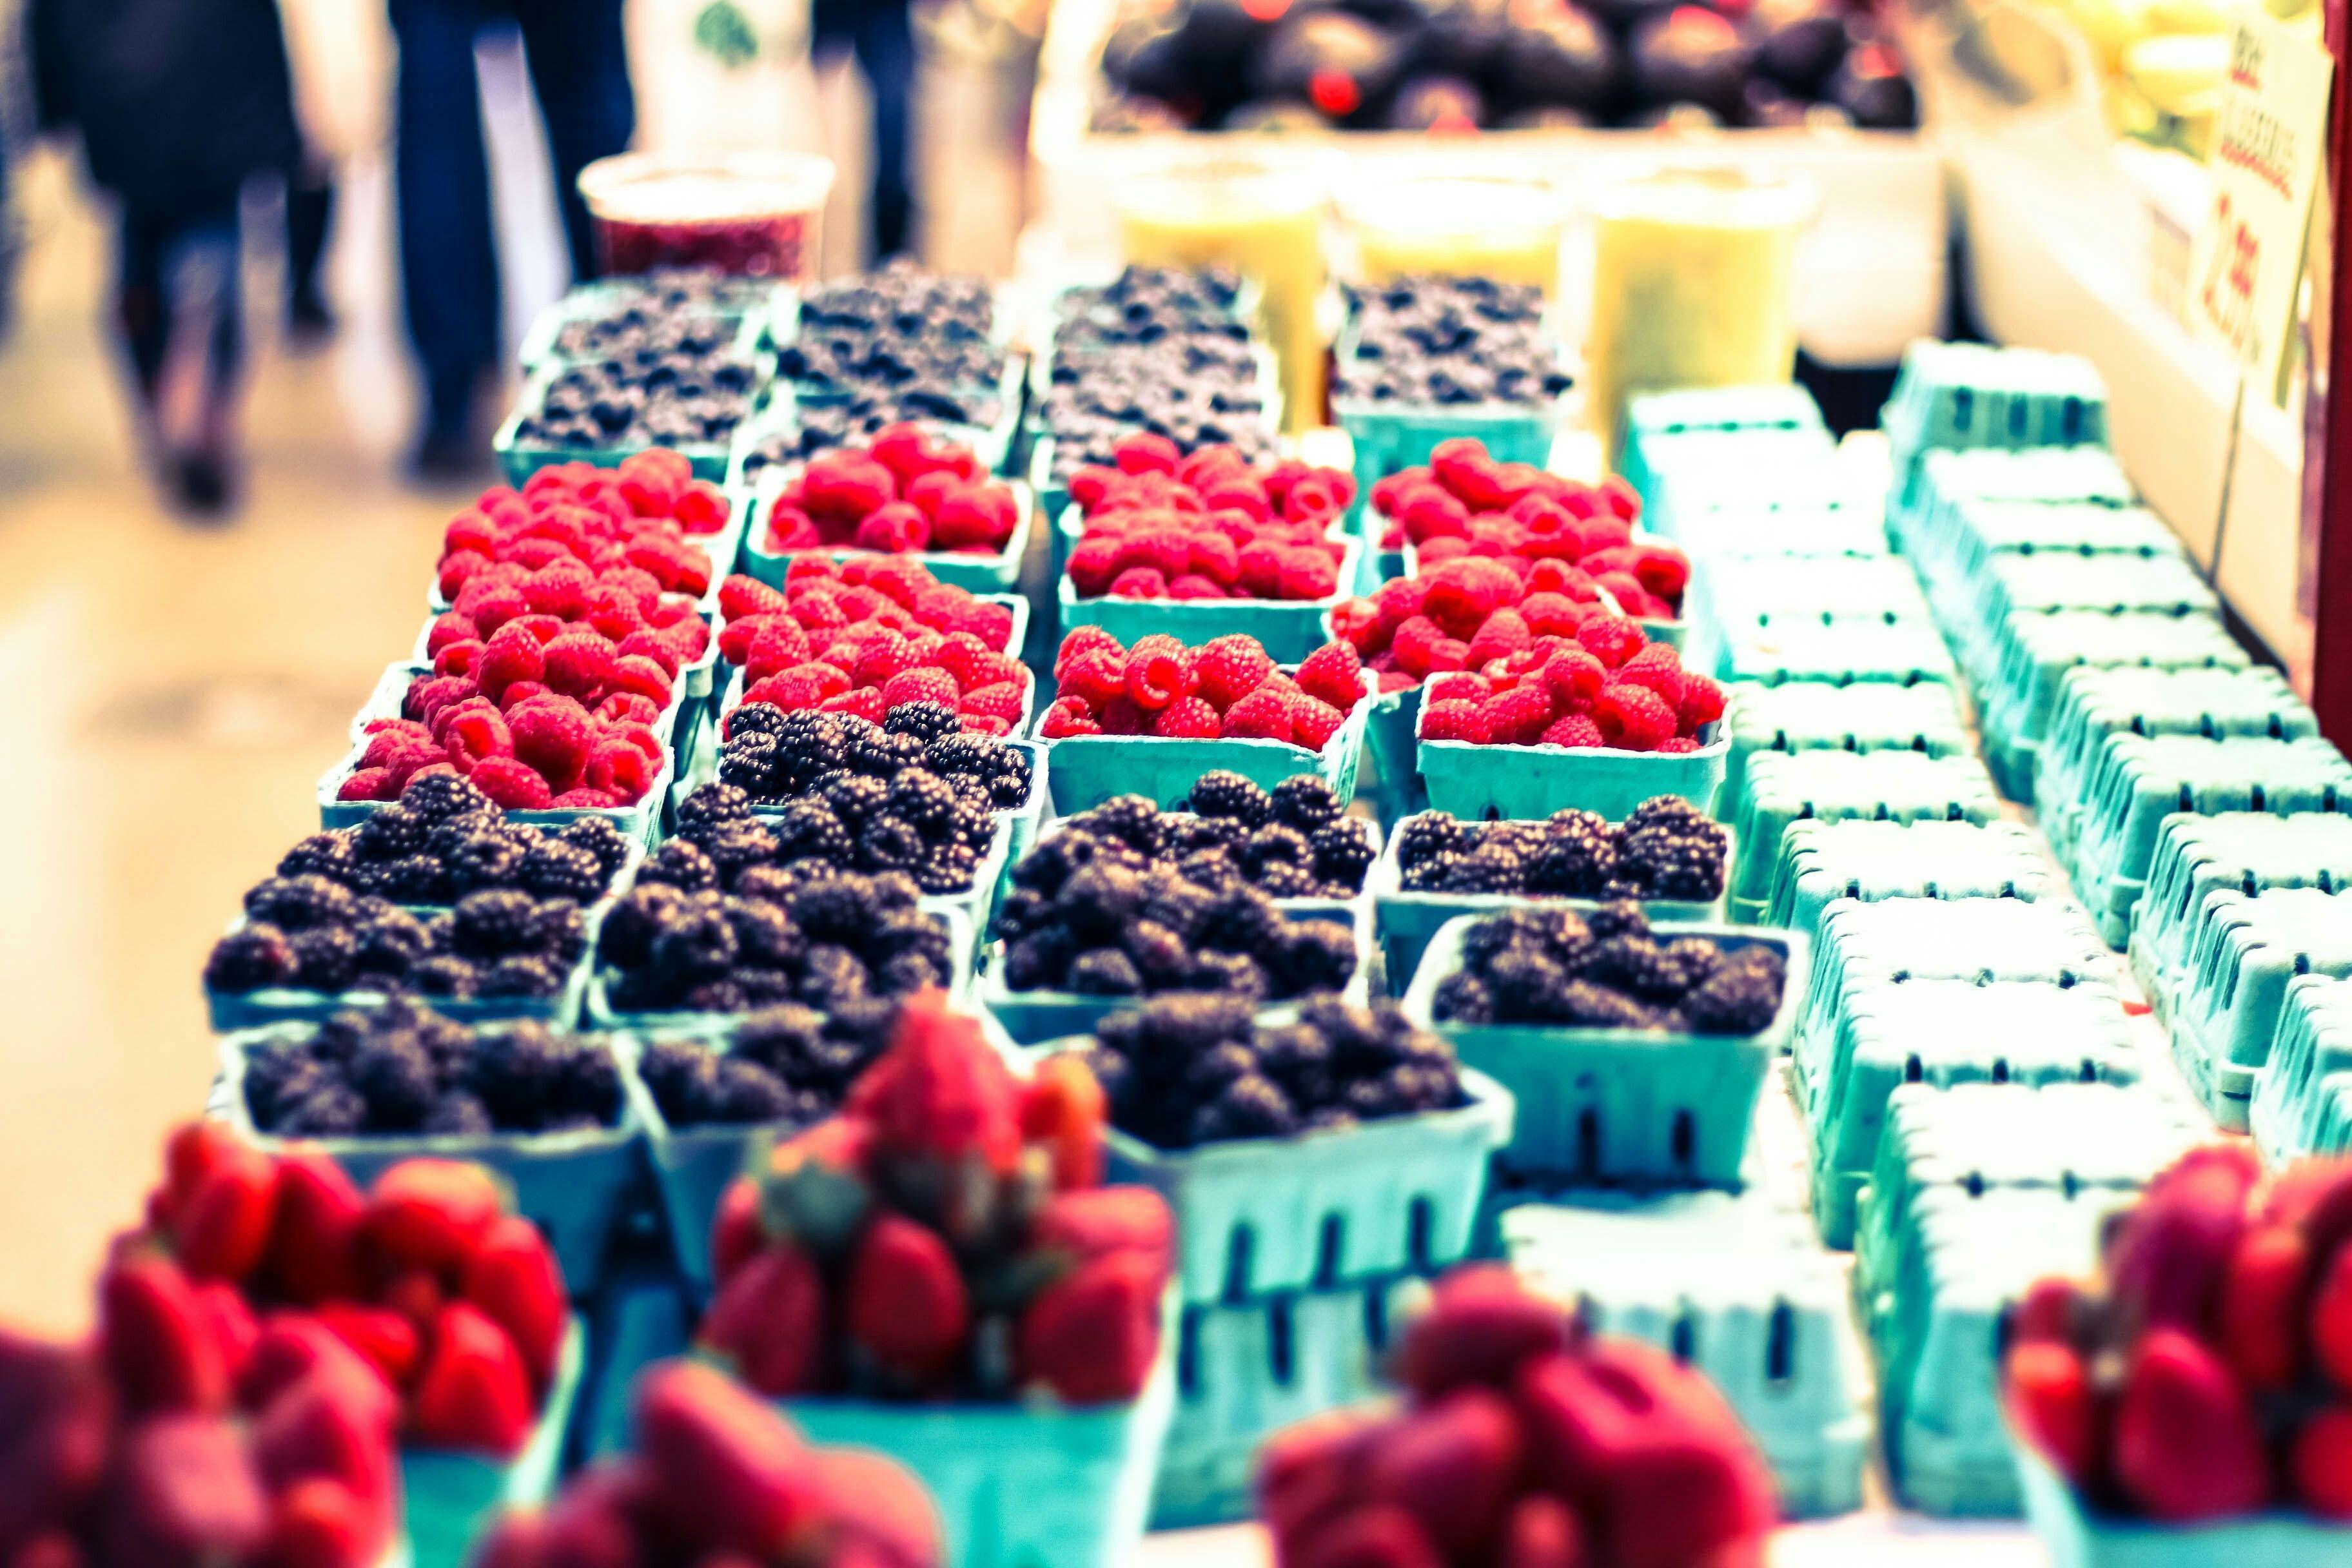 farmers-market-fruit